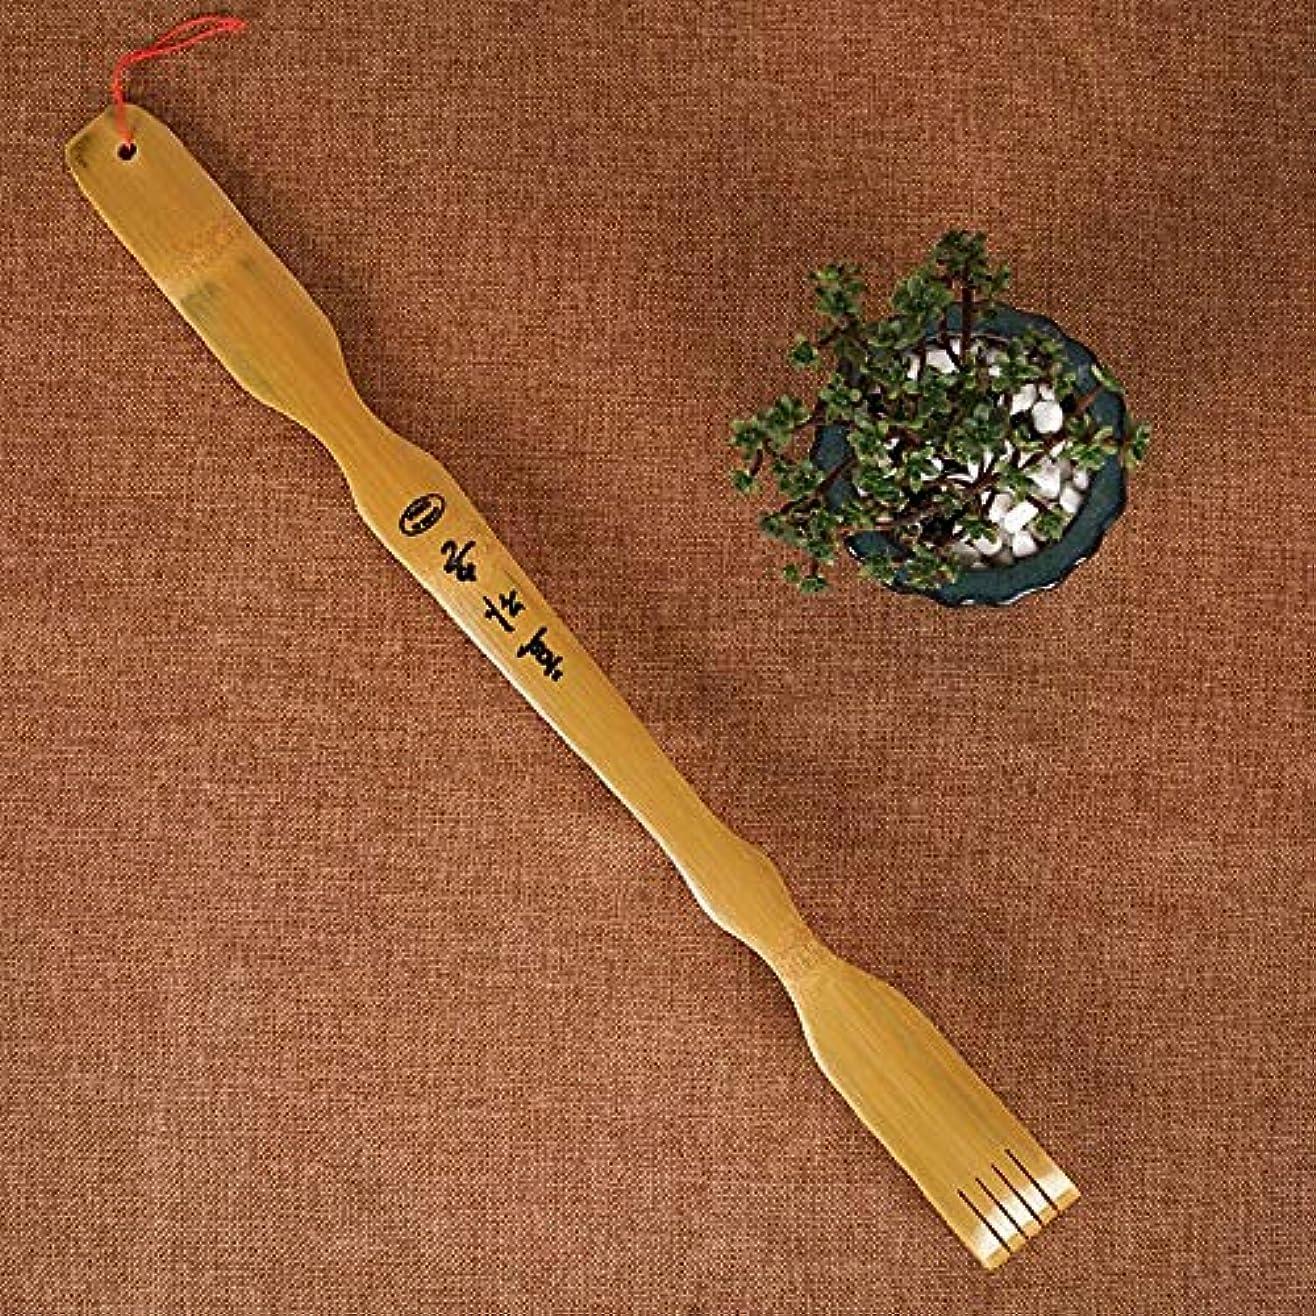 利点痴漢構築するRuby背中掻きブラシ 竹製 まごのて 敬老の日 プレゼント高人気 背中かゆみを止め マッサージ用